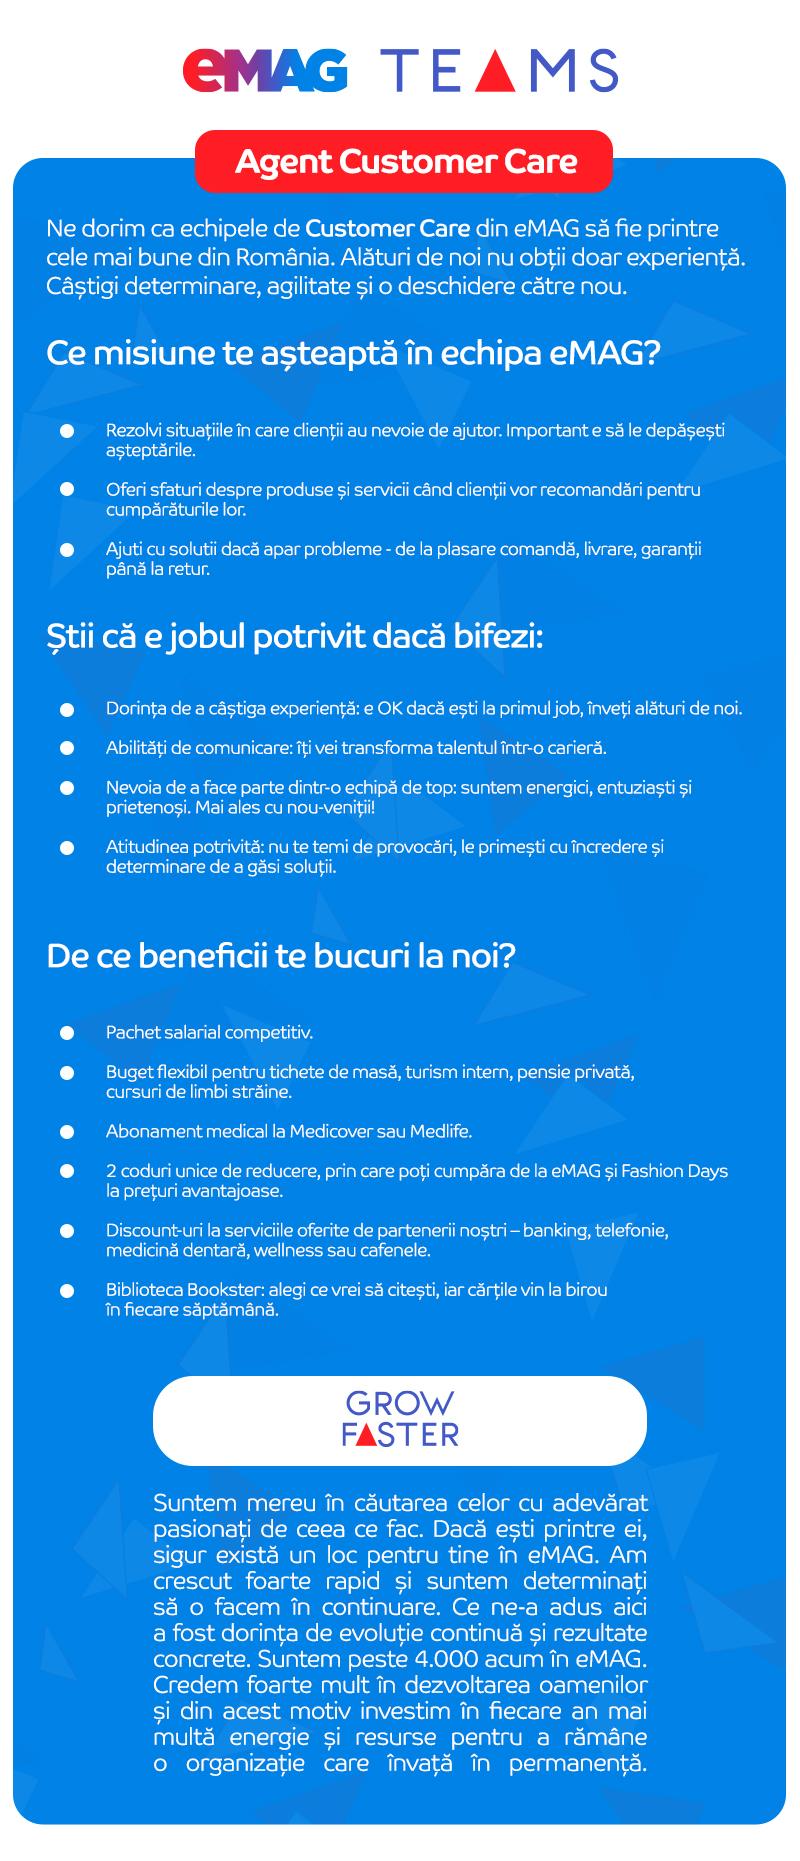 Ne dorim ca echipele de Customer Care din eMAG sa fie printre cele mai bune din Romania. Alături de noi nu obții doar experiență. Câștigi determinare, agilitate și o deschidere către nou care te va propulsa spre idealul tău profesional. Grow Faster. Connect Better.  Știi că te potrivești dacă bifezi: • Dorința de a câștiga experiență: e OK dacă ești la primul job, înveți alături de noi. • Abilități de comunicare: îți vei transforma talentul într-o carieră. • Nevoia de a face parte dintr-o echipă de top: suntem energici, entuziaști și prietenoși. Mai ales cu nou-veniții! •Atitudinea potrivită: nu te temi de provocări, le primești cu încredere și determinare de a găsi soluții. Ce rol te așteaptă în echipa eMAG?  •Grija pentru clienți se regăsește în fiecare interacțiune: de la plasarea unei comenzi până la consultanță specializată, livrare și returnare produse. Iată ce ar trebui sa faci: • Mentii un o atitudine profesionala orientata spre client; • Preiei si rezolvi situatiile in care apar neconformitati; • Asisti clientul in decizia de cumparare prin oferirea detaliilor solicitate despre produse si servicii • Ajuti cu solutii la diverse probleme: plasare comanda, livrare si retur.  De ce beneficii te bucuri la eMAG?  • Pachet salarial competitiv • Primești un buget flexibil pentru tichete de masă, turism intern, pensie privată, cursuri de limbi străine. • Abonament medical la Medicover sau Medlife. • Ai două coduri unice de reducere, prin care poți cumpăra produse vândute pe eMAG și Fashion Days la prețuri avantajoase. • Primești discount-uri și la serviciile oferite de partenerii noștri – banking, telefonie, medicină dentară, wellness sau cafenele. • Biblioteca Bookster: alegi ce vrei să citești, iar cărțile vin la birou în fiecare săptămână. GROW FASTER Suntem mereu în căutarea celor cu adevărat pasionați de ceea ce fac. Dacă ești printre ei, sigur există un loc pentru tine în eMAG. Am crescut foarte rapid și suntem determinați să o facem în continuare. Ce ne-a adu